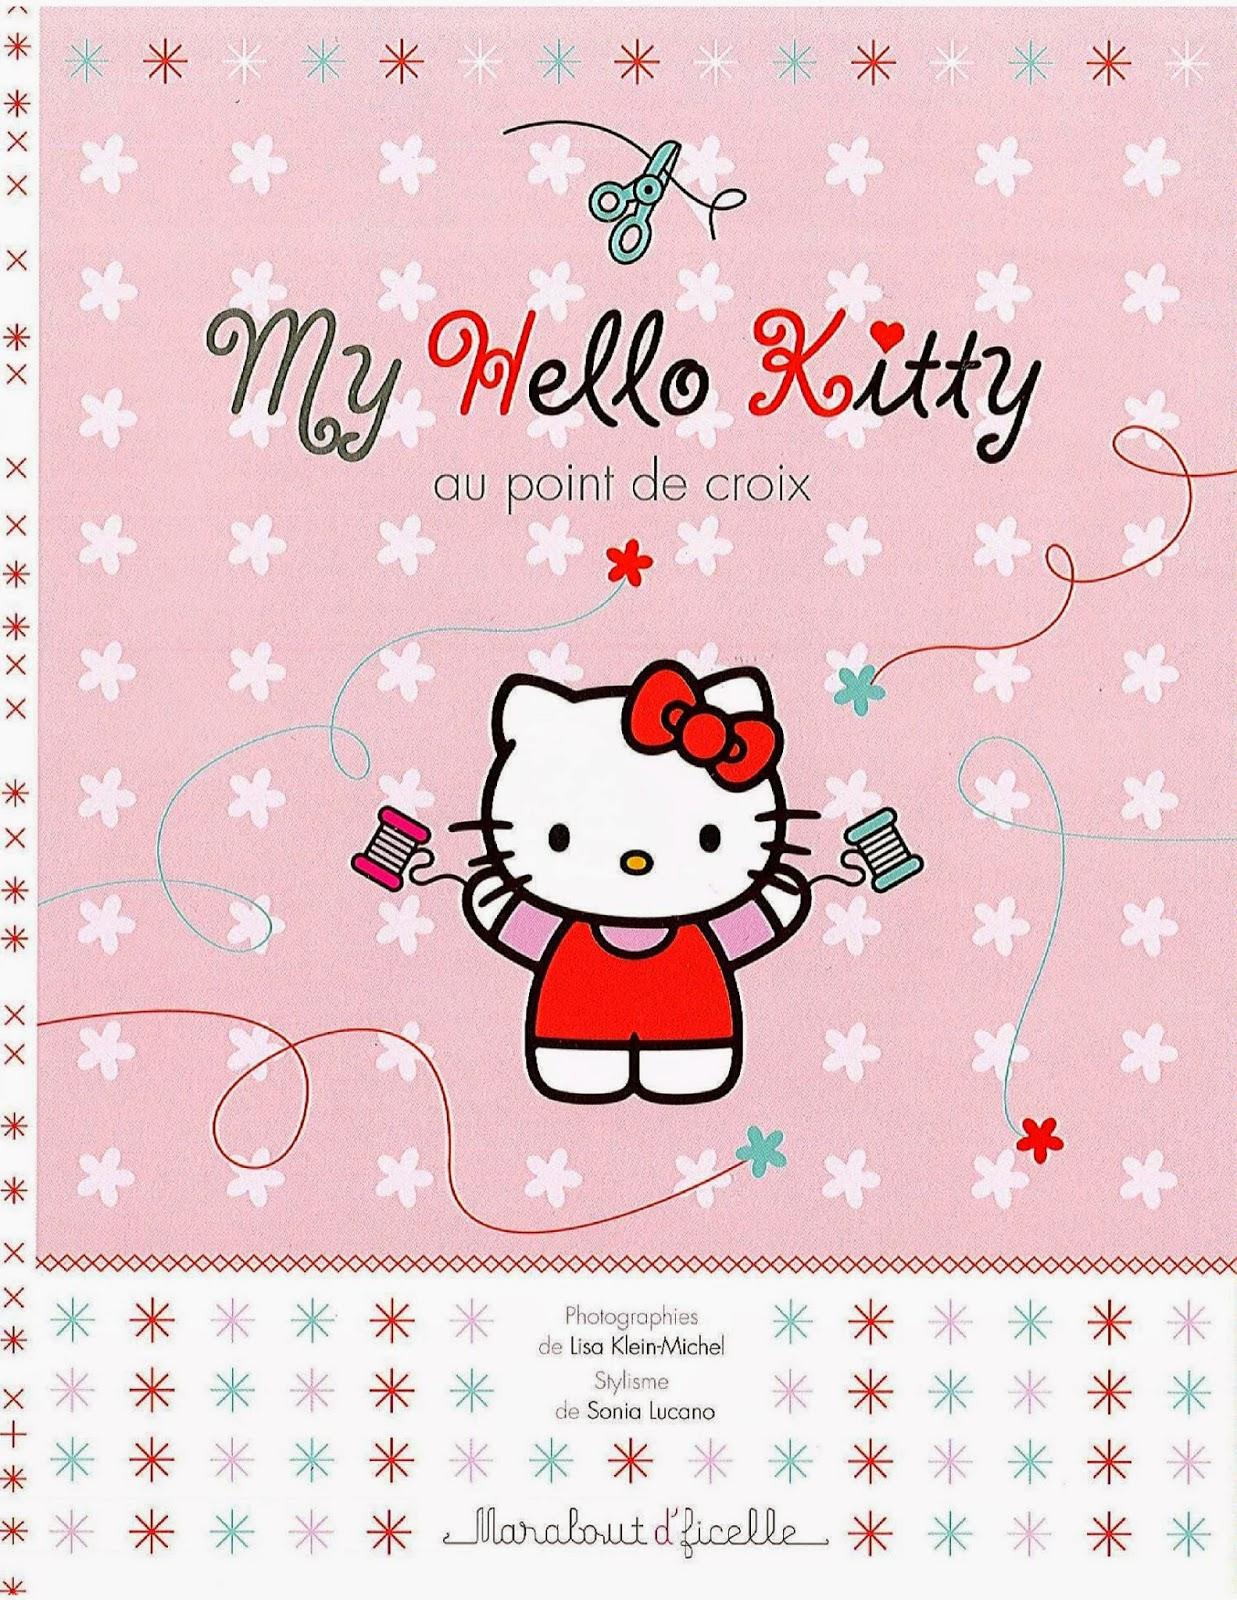 Diagramas de hello Kitty en punto de cruz  Revistas de